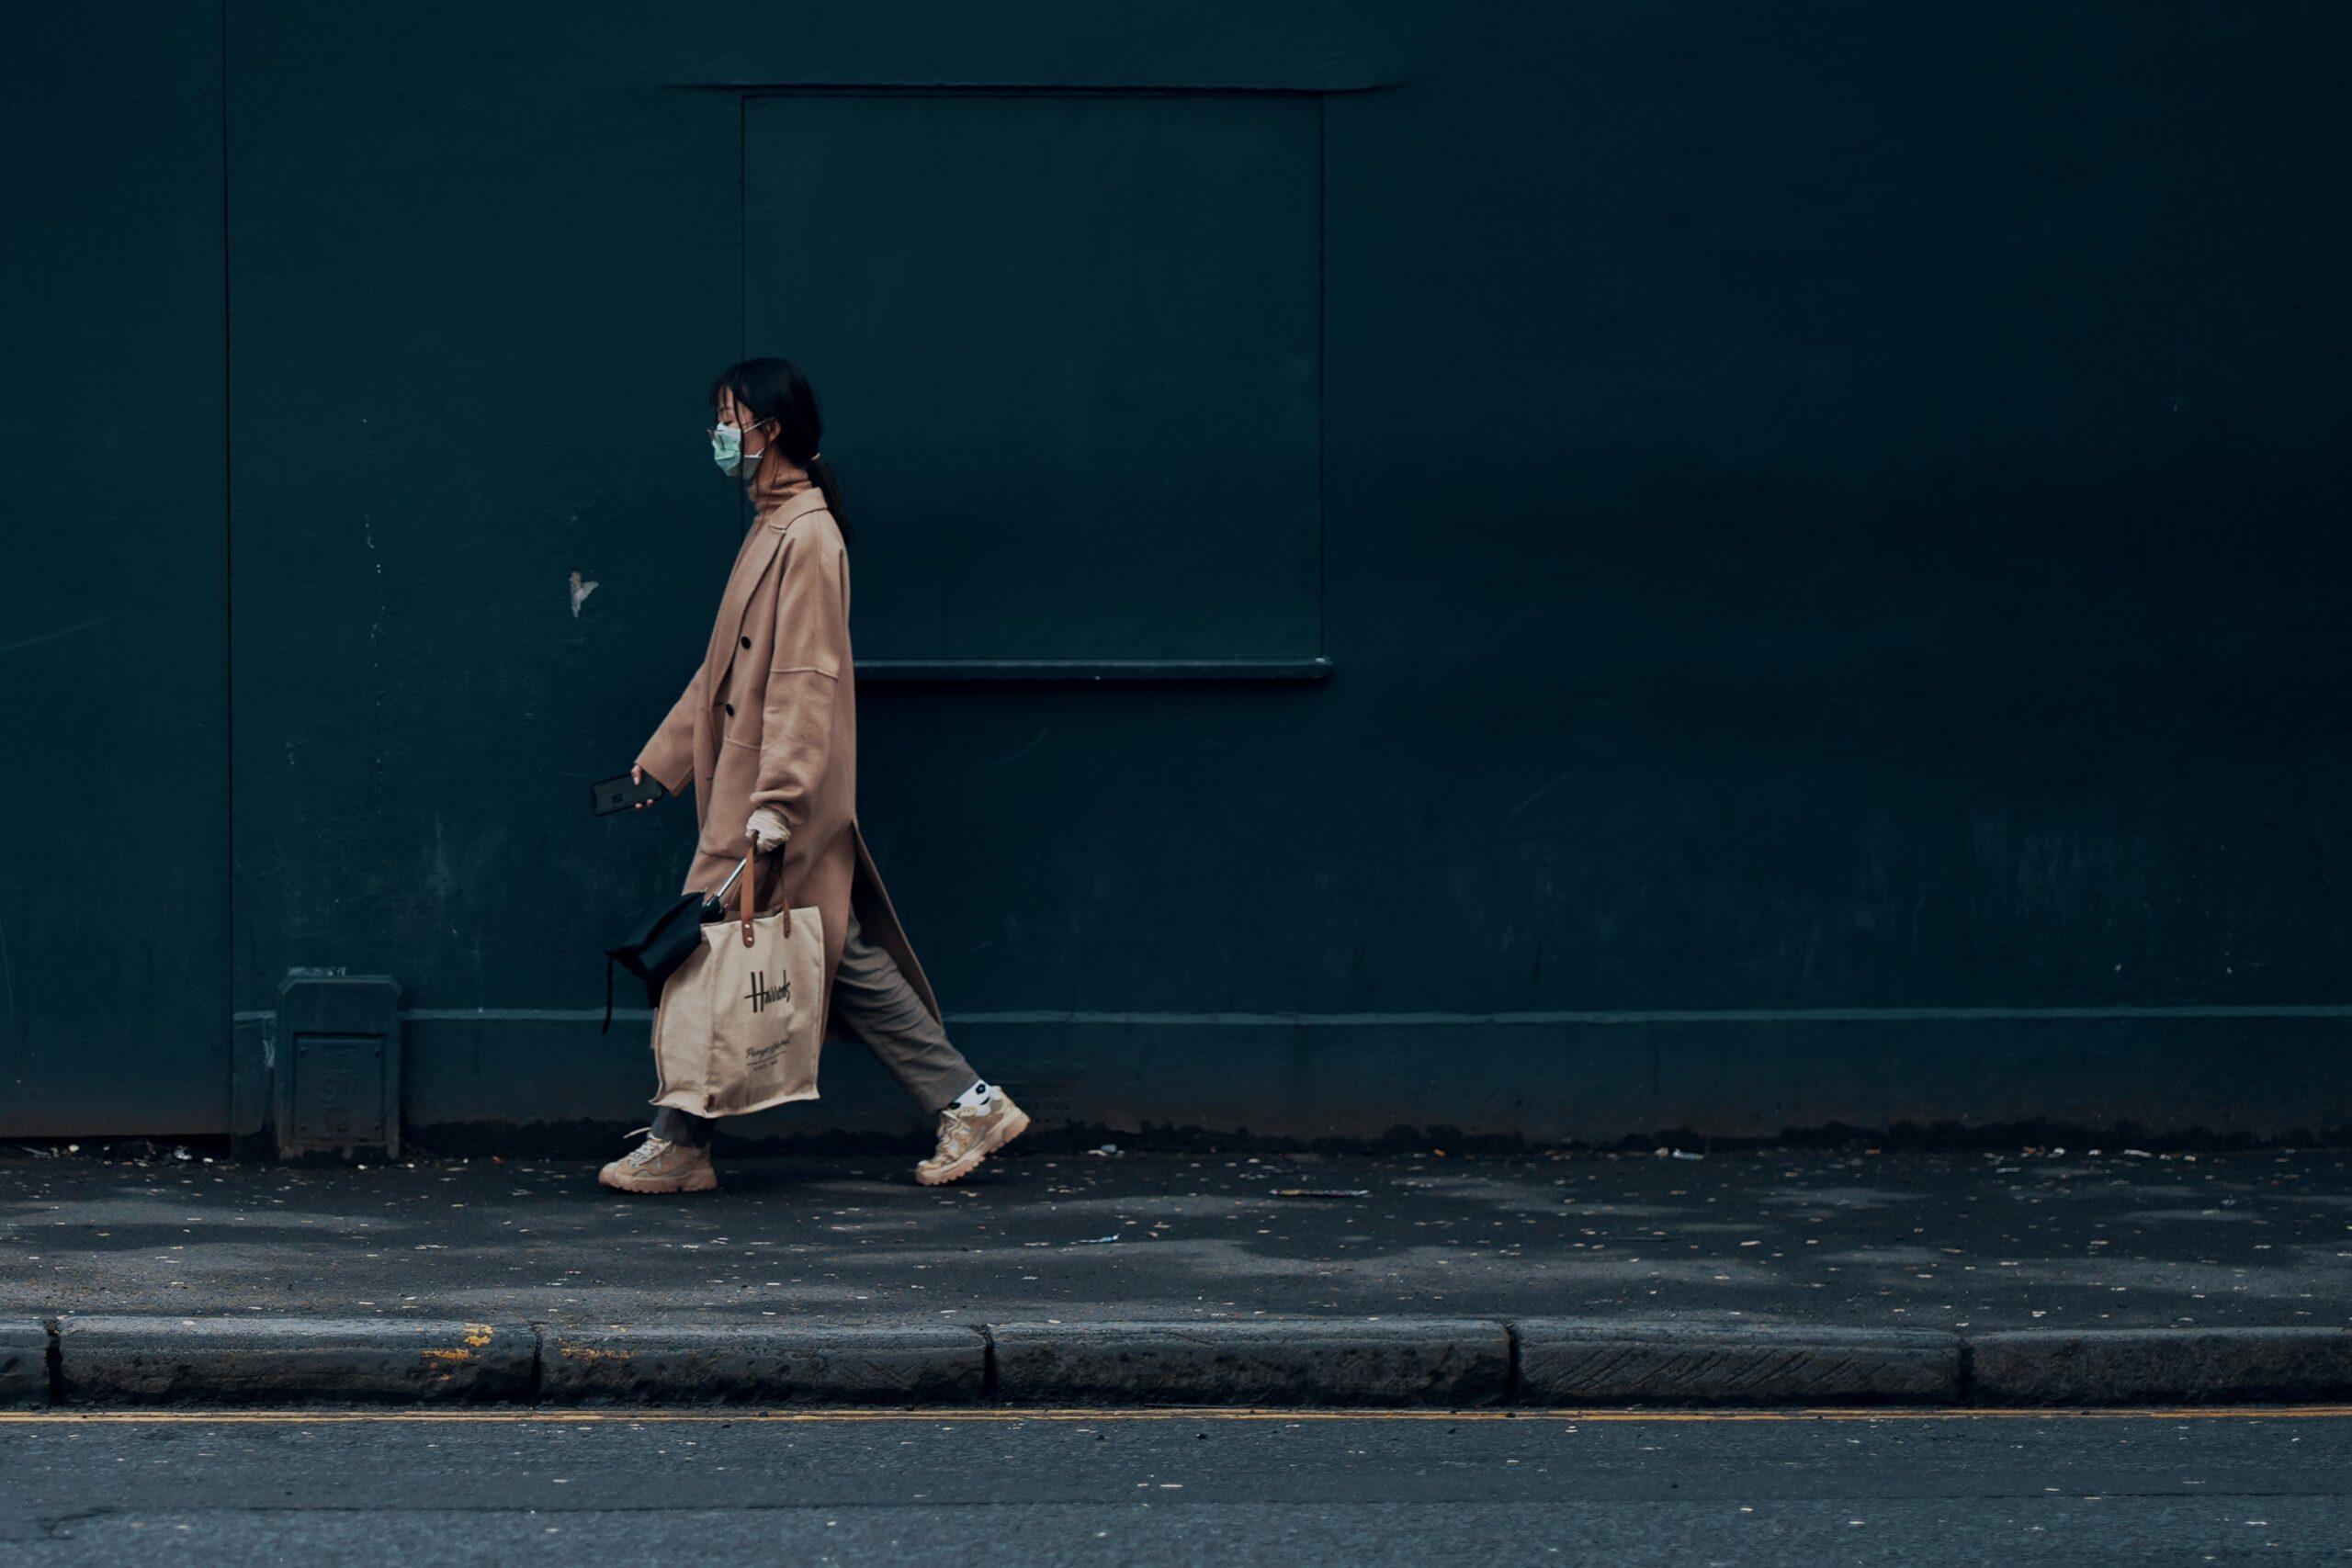 Photo by Ross Sneddon on Unsplash